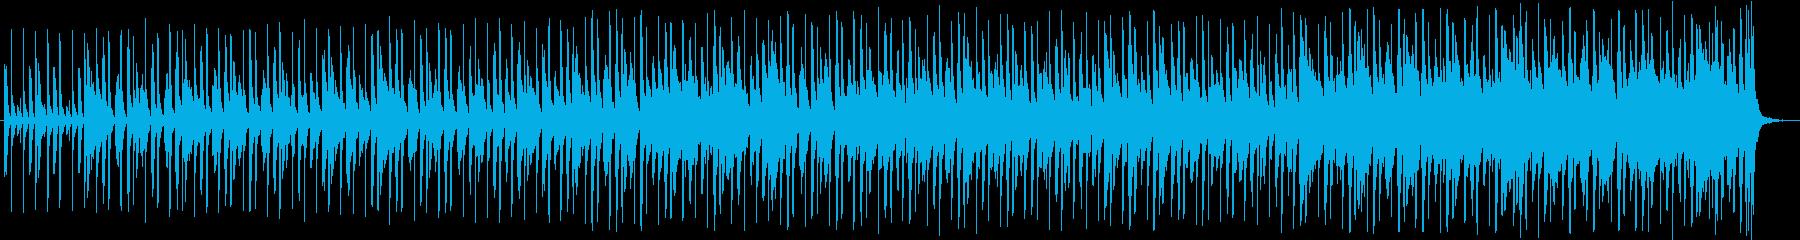 ティーン レゲエ スカし 民謡 ア...の再生済みの波形